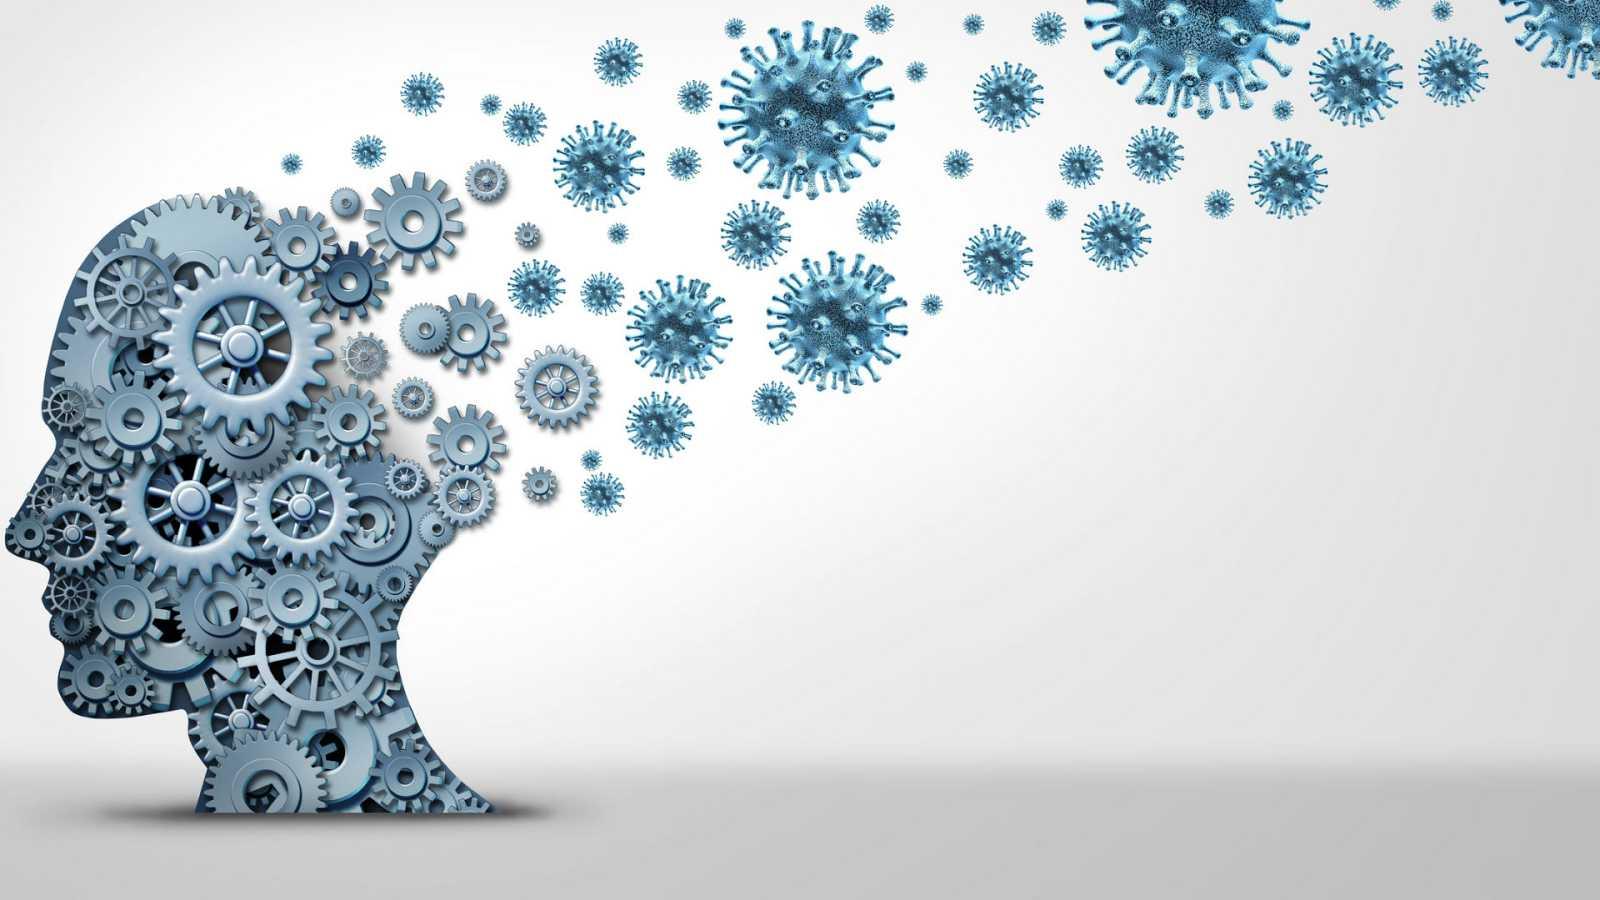 Reportajes en R5 - Salud mental - 09/10/20 - escuchar ahora